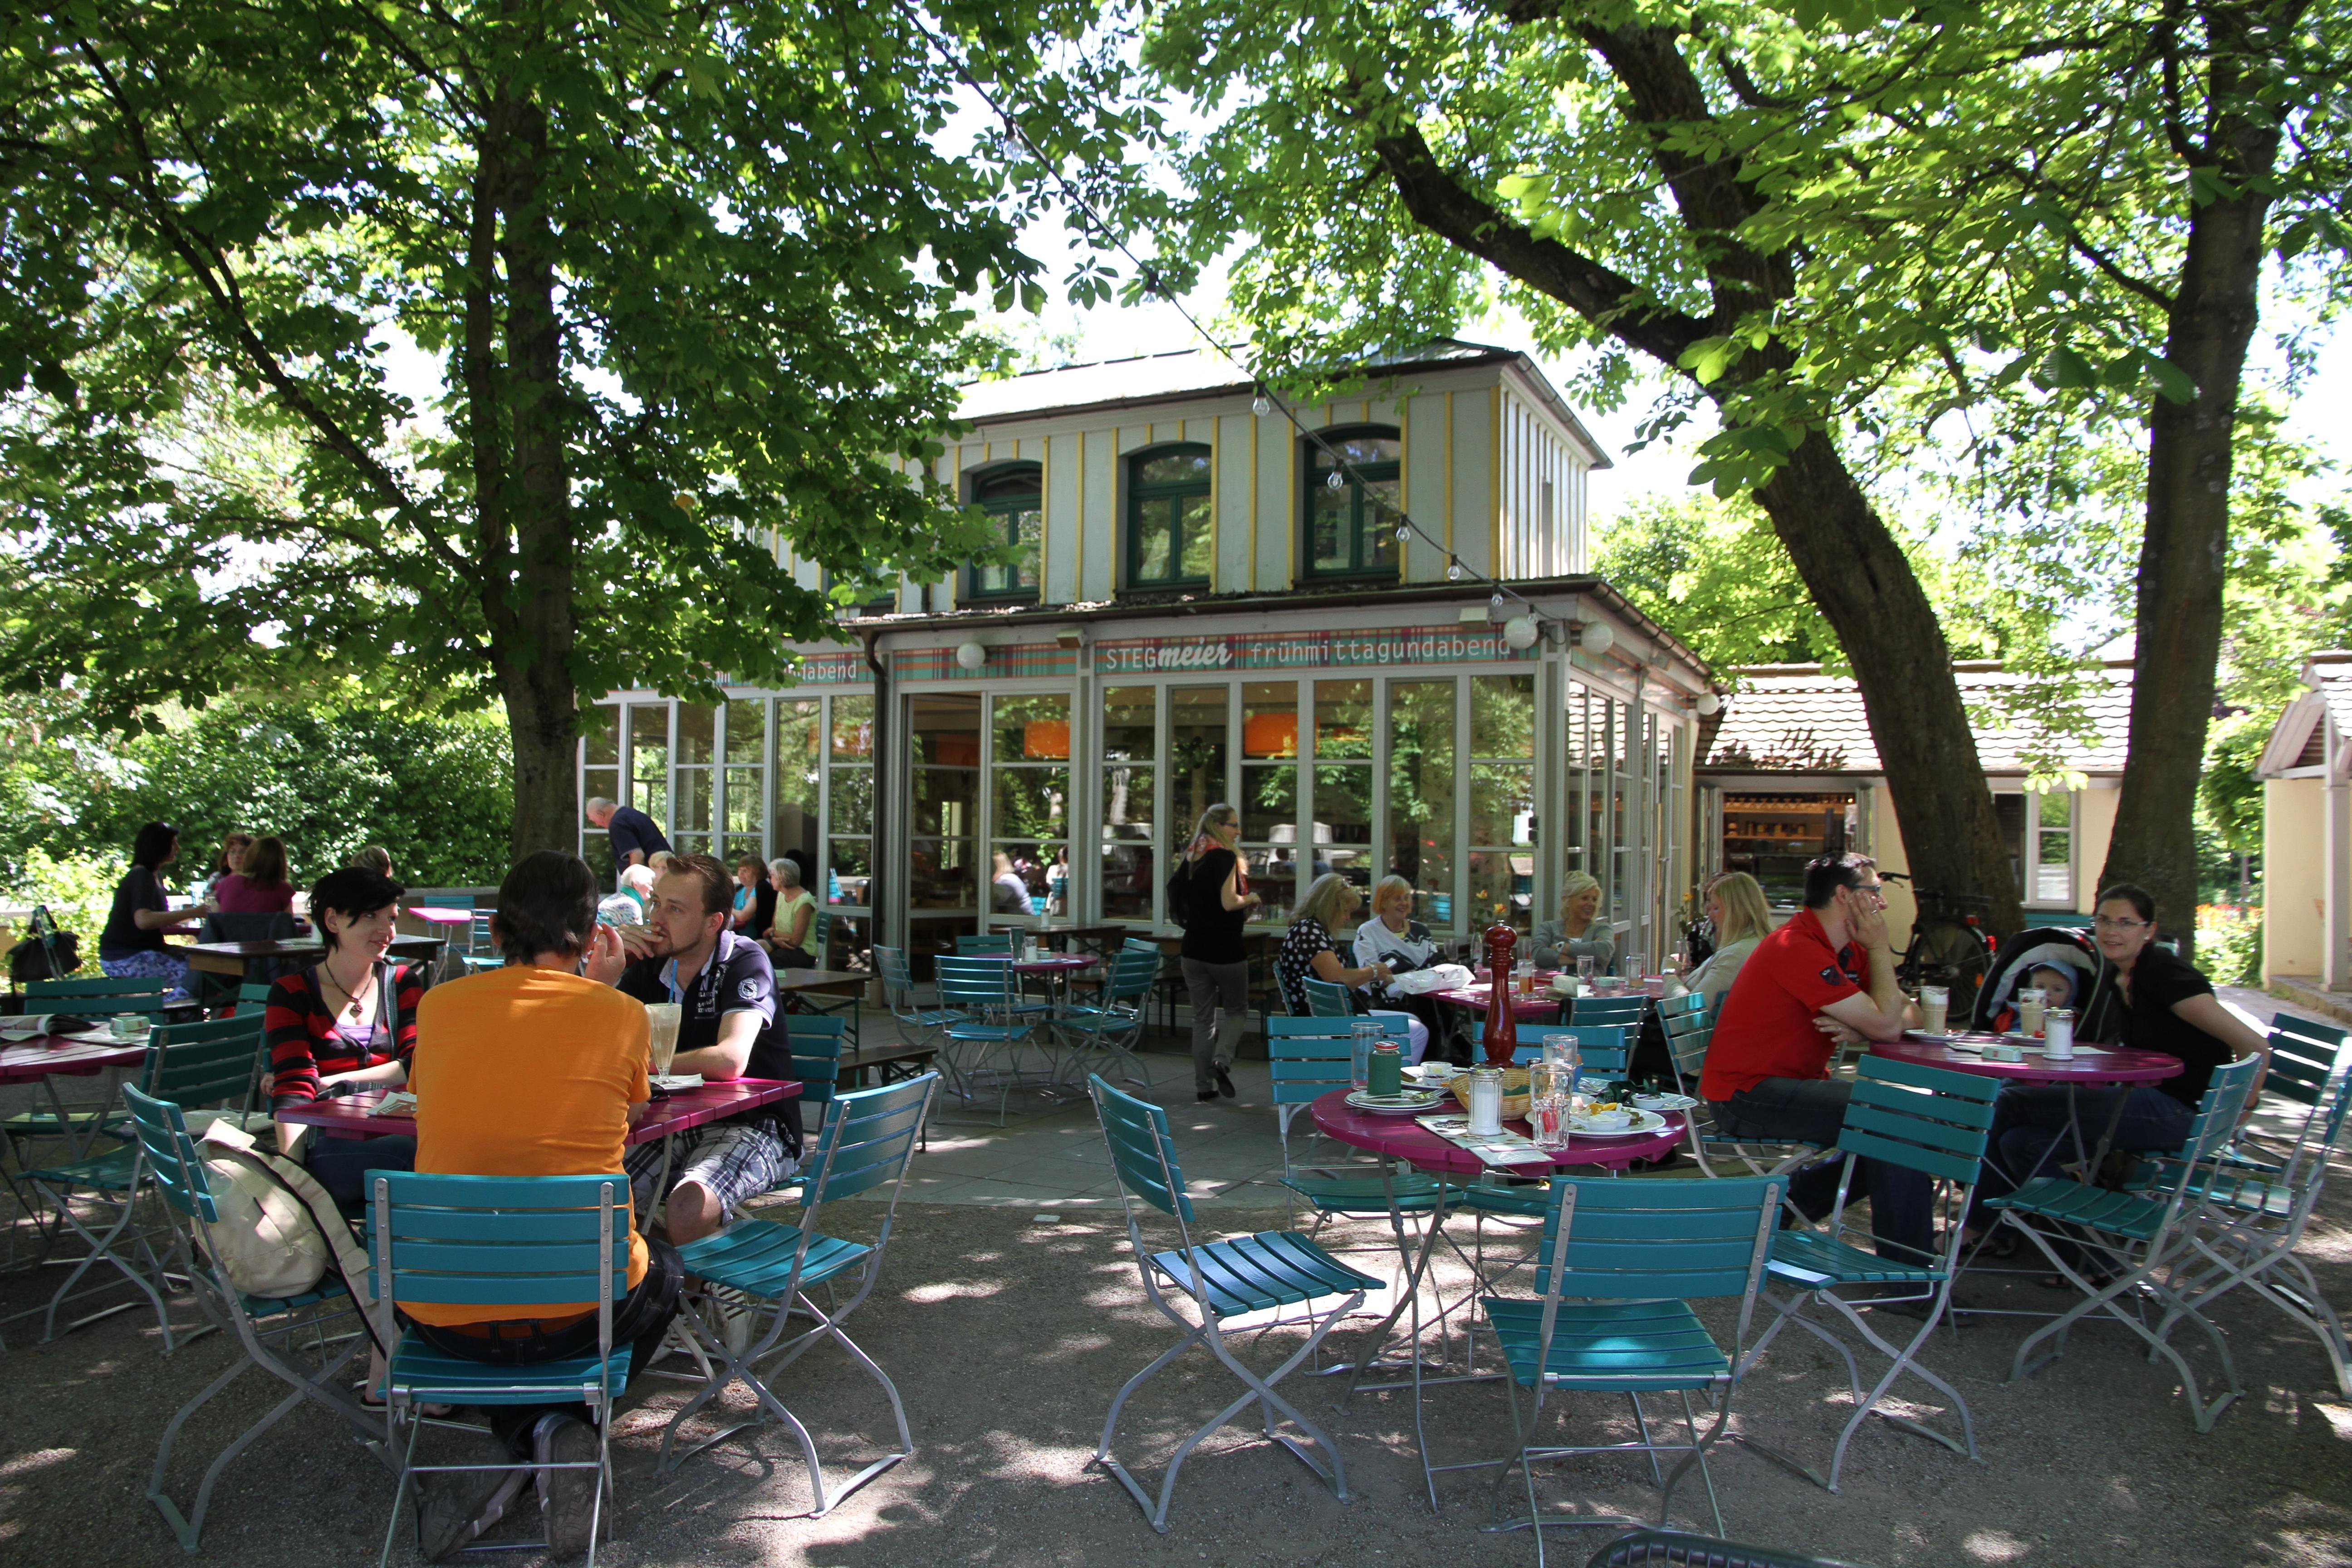 Ansbach, Franken, Barockgarten, Mittelfranken, Reisefeder, Reisen, Blog, Städtetrip, Stadt, Gärten